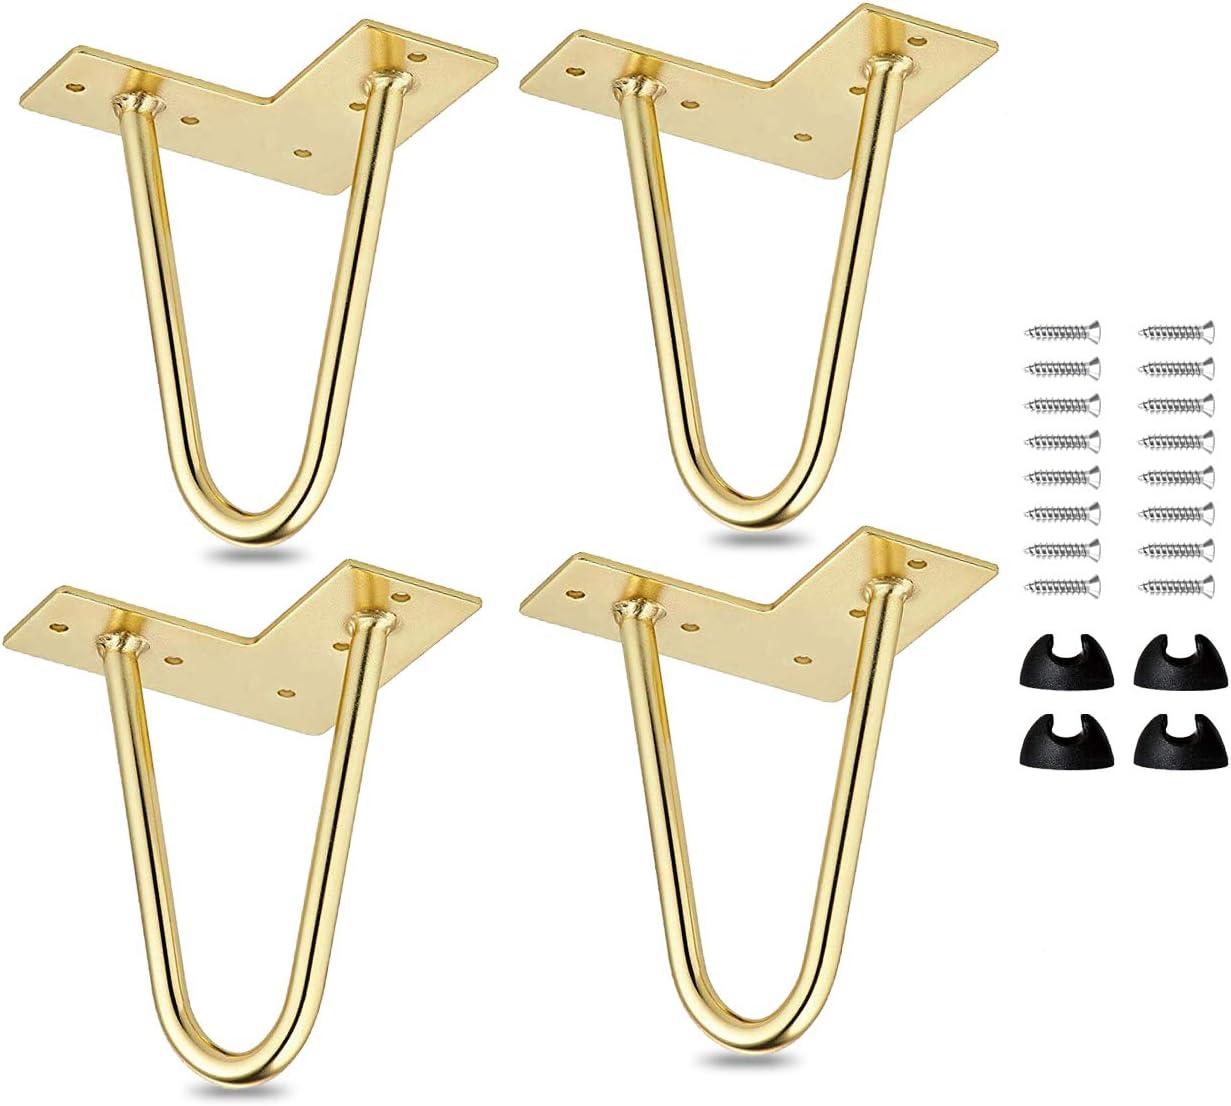 La Vane 4 St/ück Modern-Stil DIY Metall M/öbelf/ü/ße Hairpin Legs mit Bodenschoner /& Schrauben f/ür Schreibtisch Schrank Nachtst/änder 10cm Haarnadel Tischbeine 4